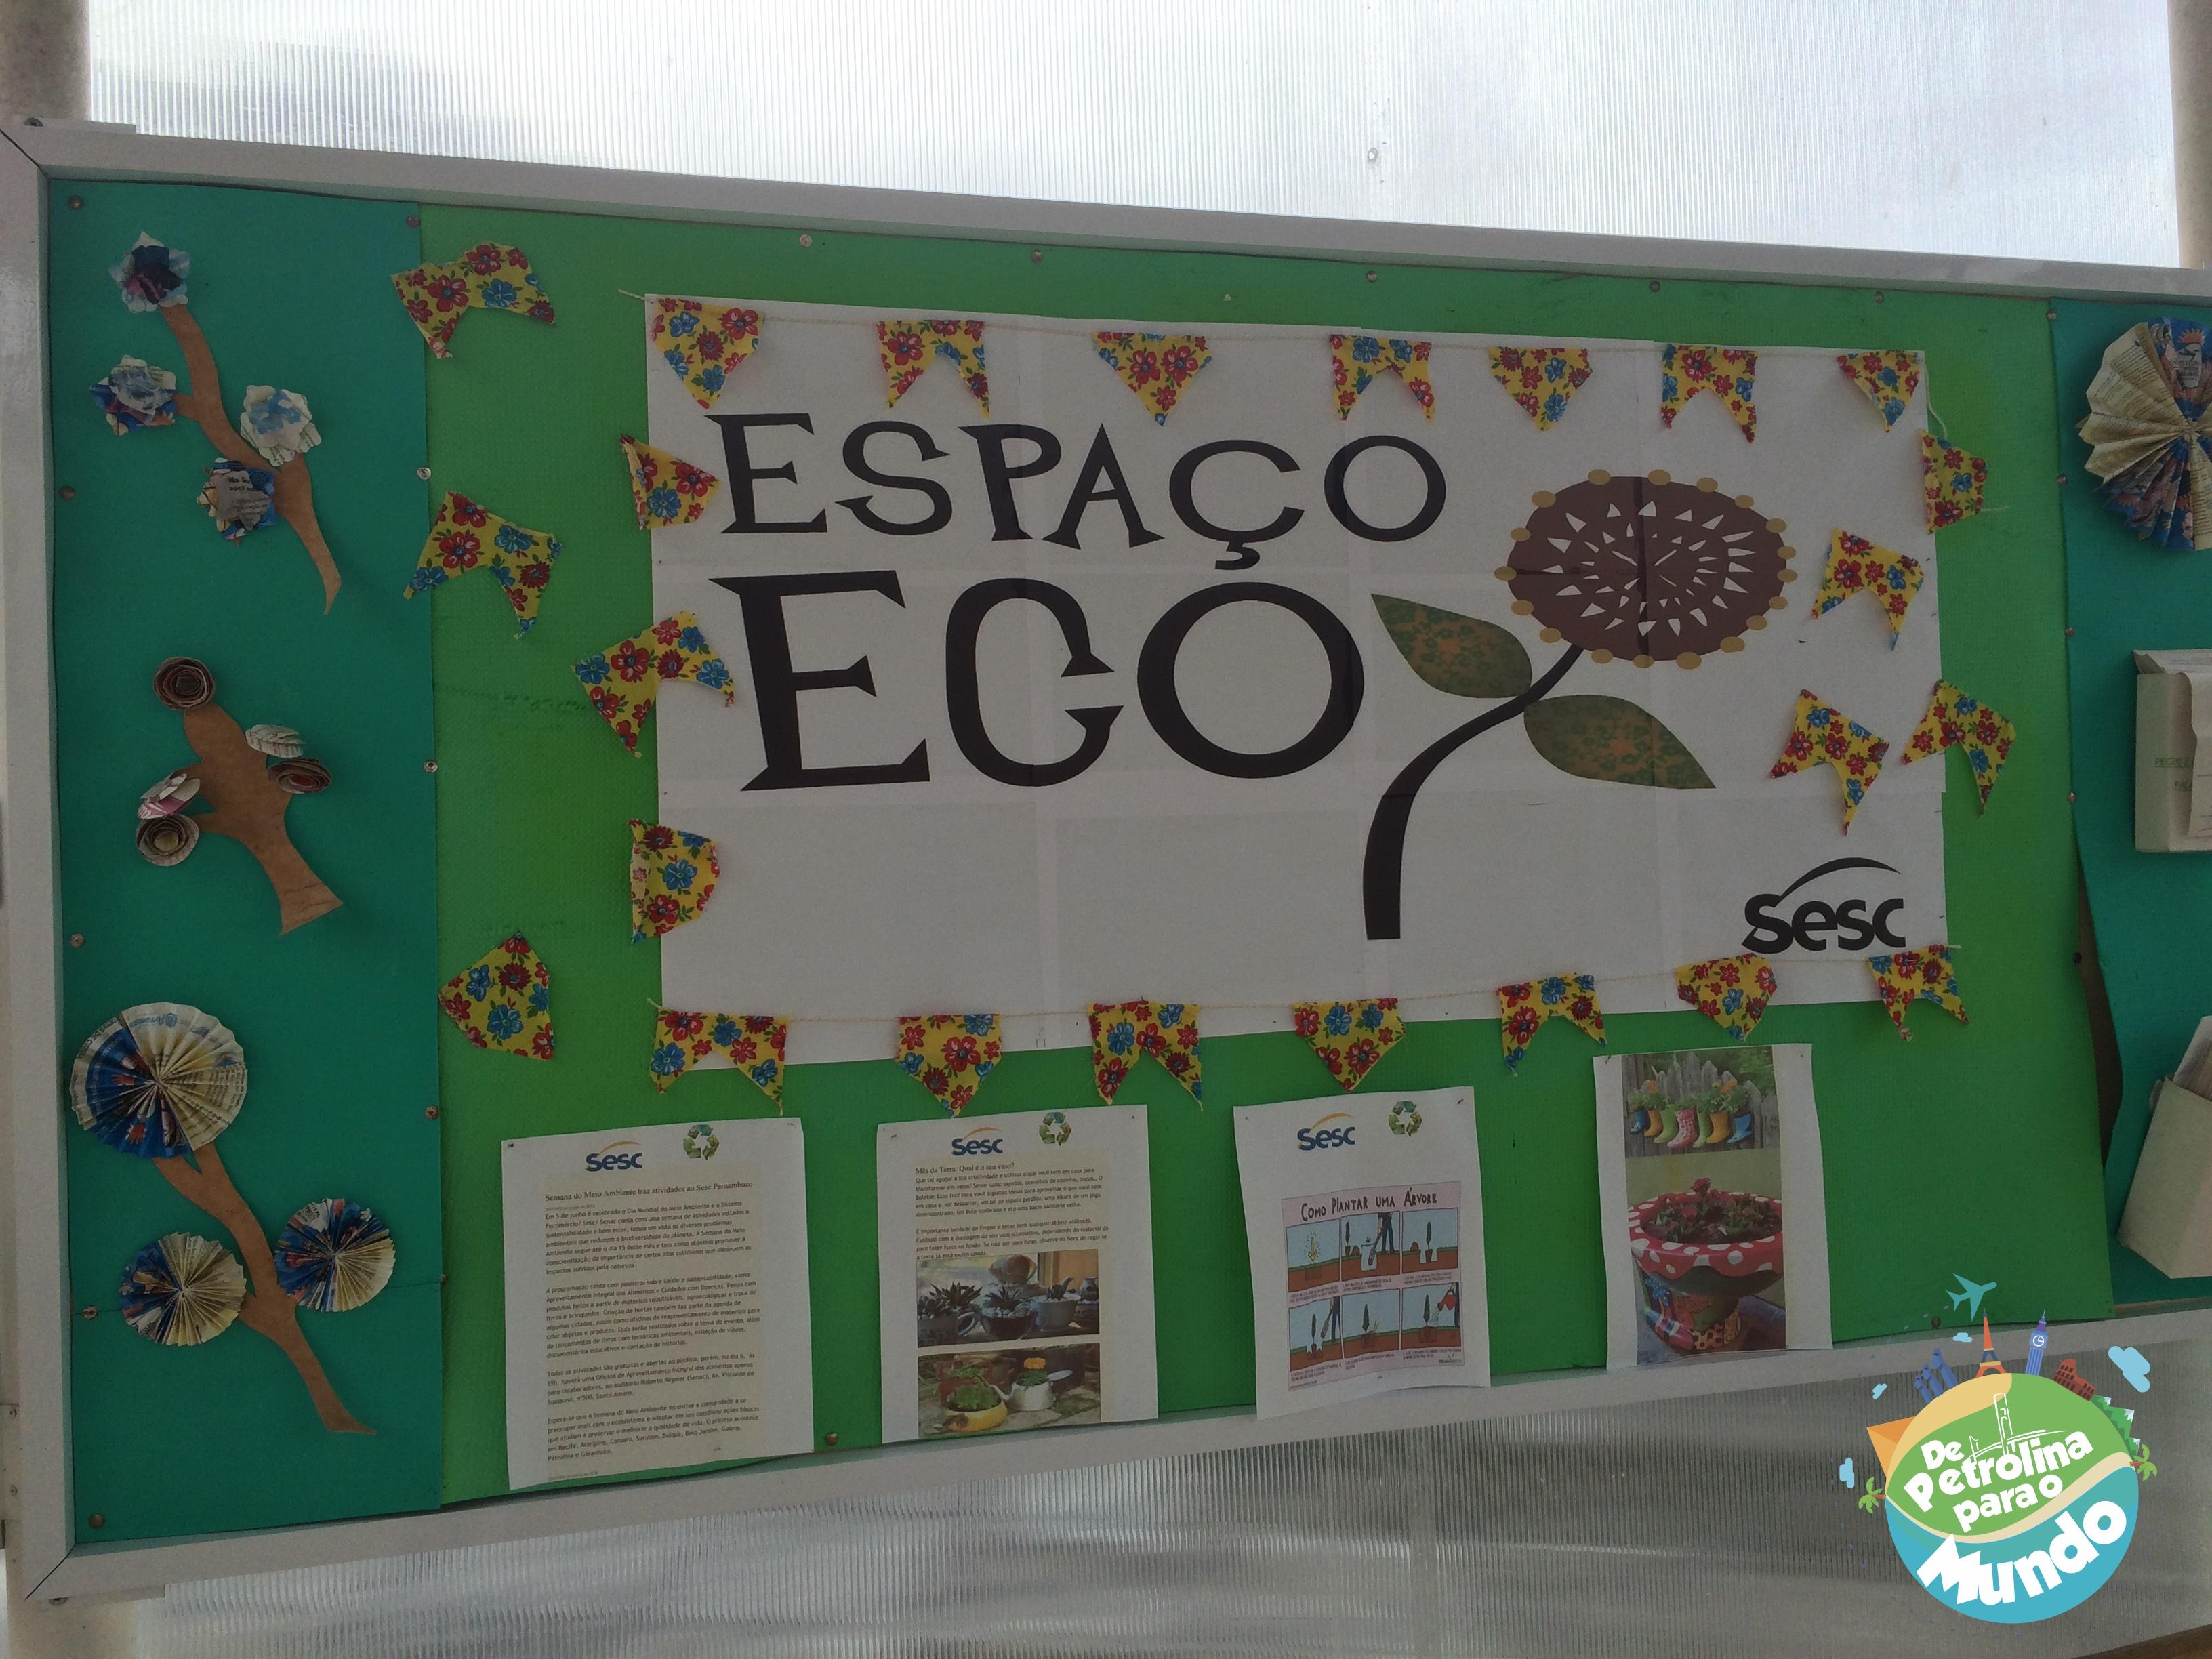 Espaço Eco do Hotel do Sesc em Garanhuns